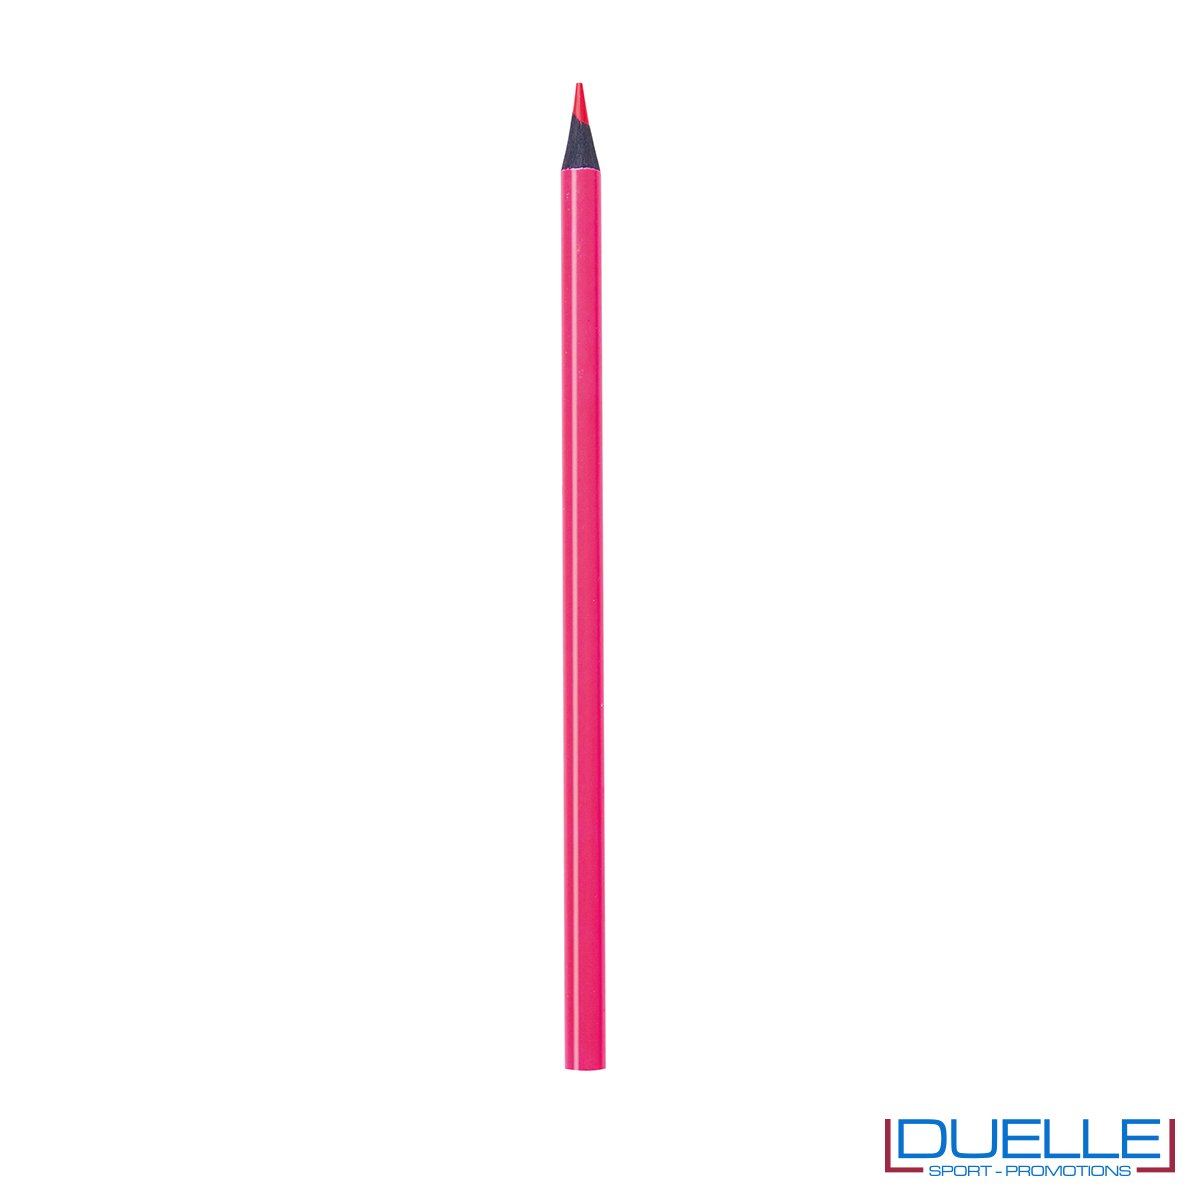 matita personalizzabile fuxia con mina evidenziatore, gadget legno, gadget ufficio